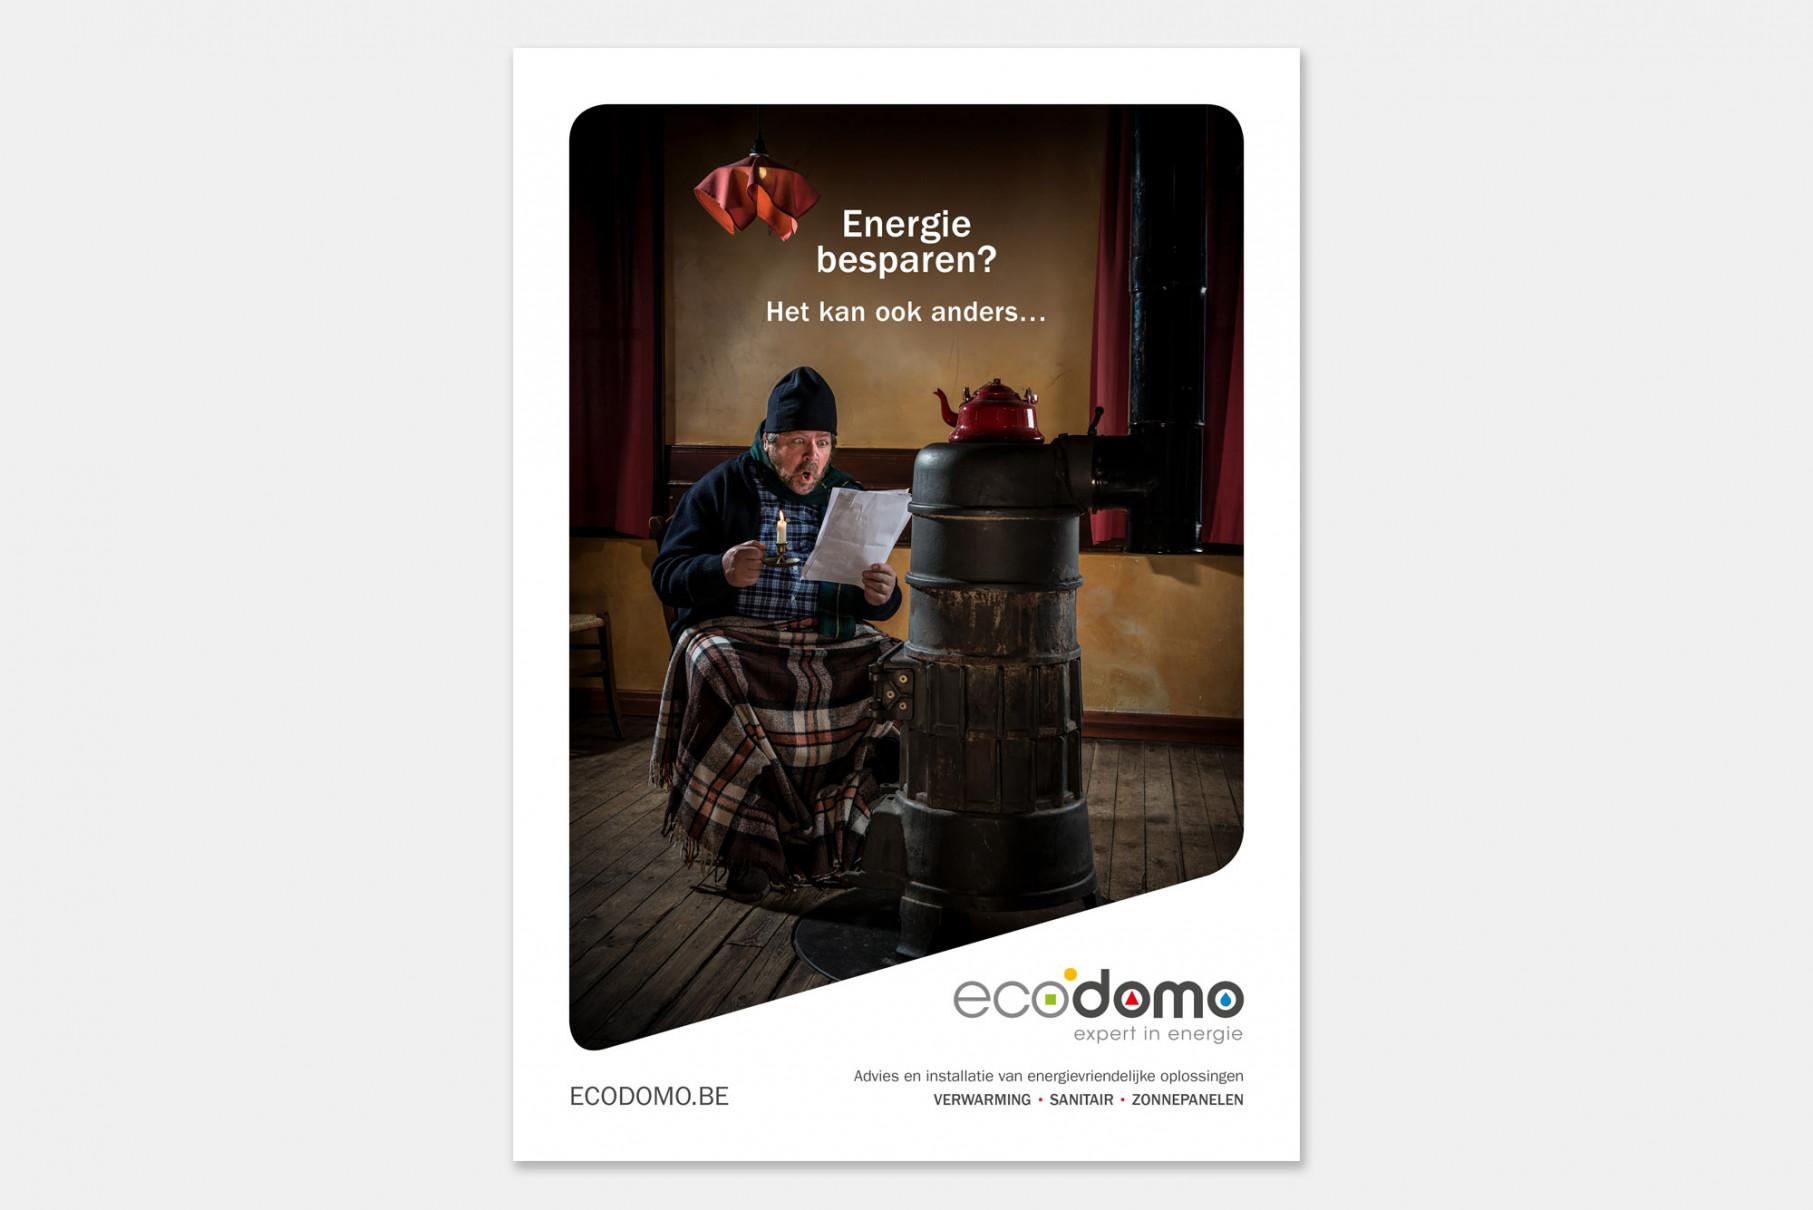 EcodomoCampagne02.jpg